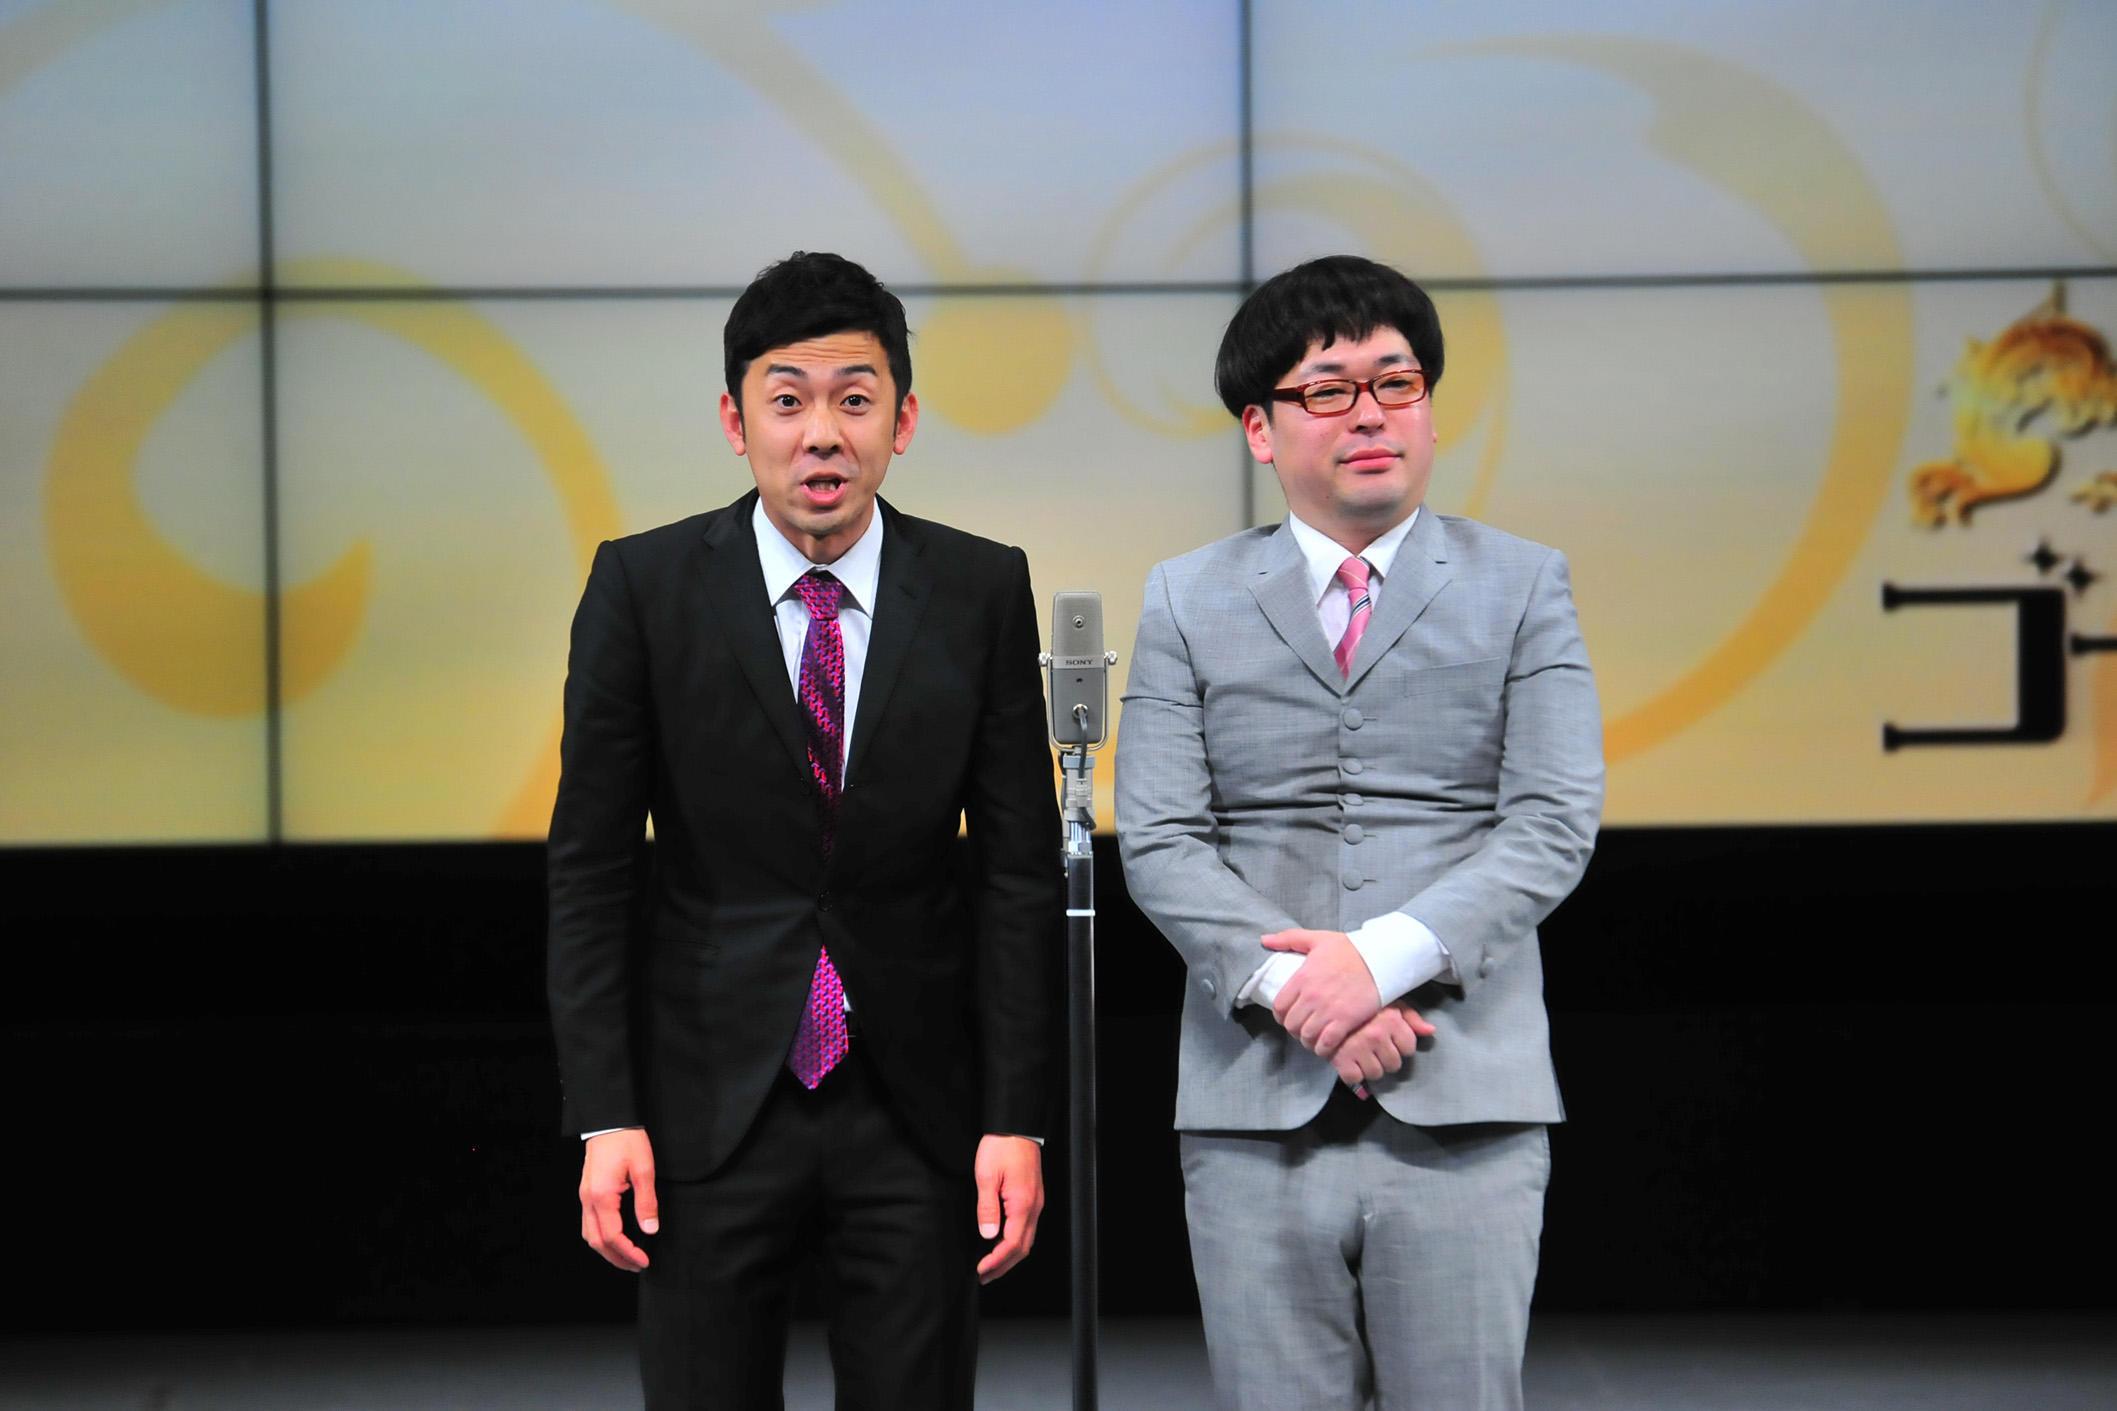 http://news.yoshimoto.co.jp/20160421122304-f44420881c656e306aad98d5a318b66ec29dc84b.jpg